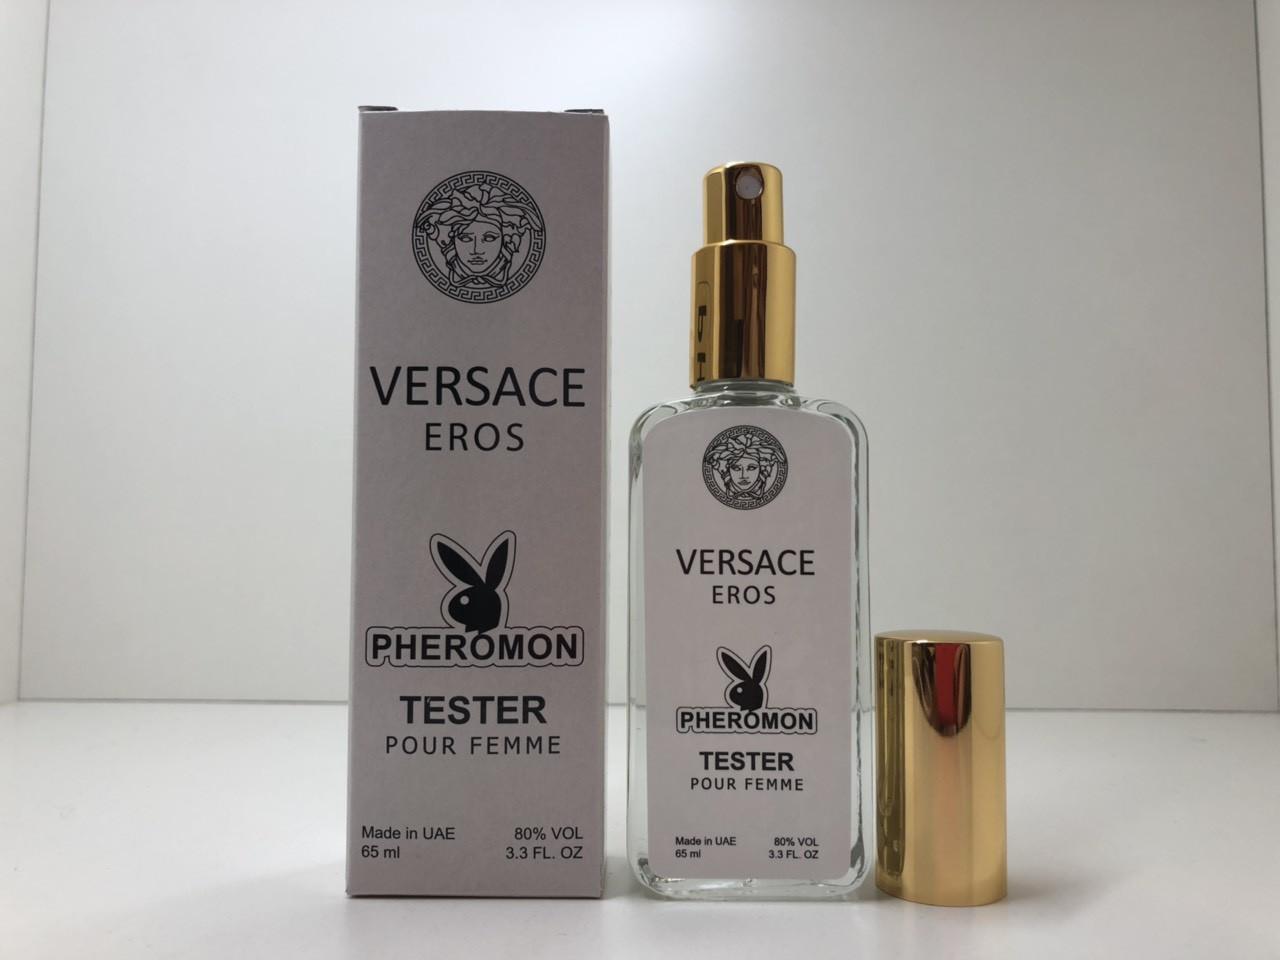 Женская туалетная вода Versace Eros Pour Femme  тестер с феромонами 65 мл ОАЭ (реплика)